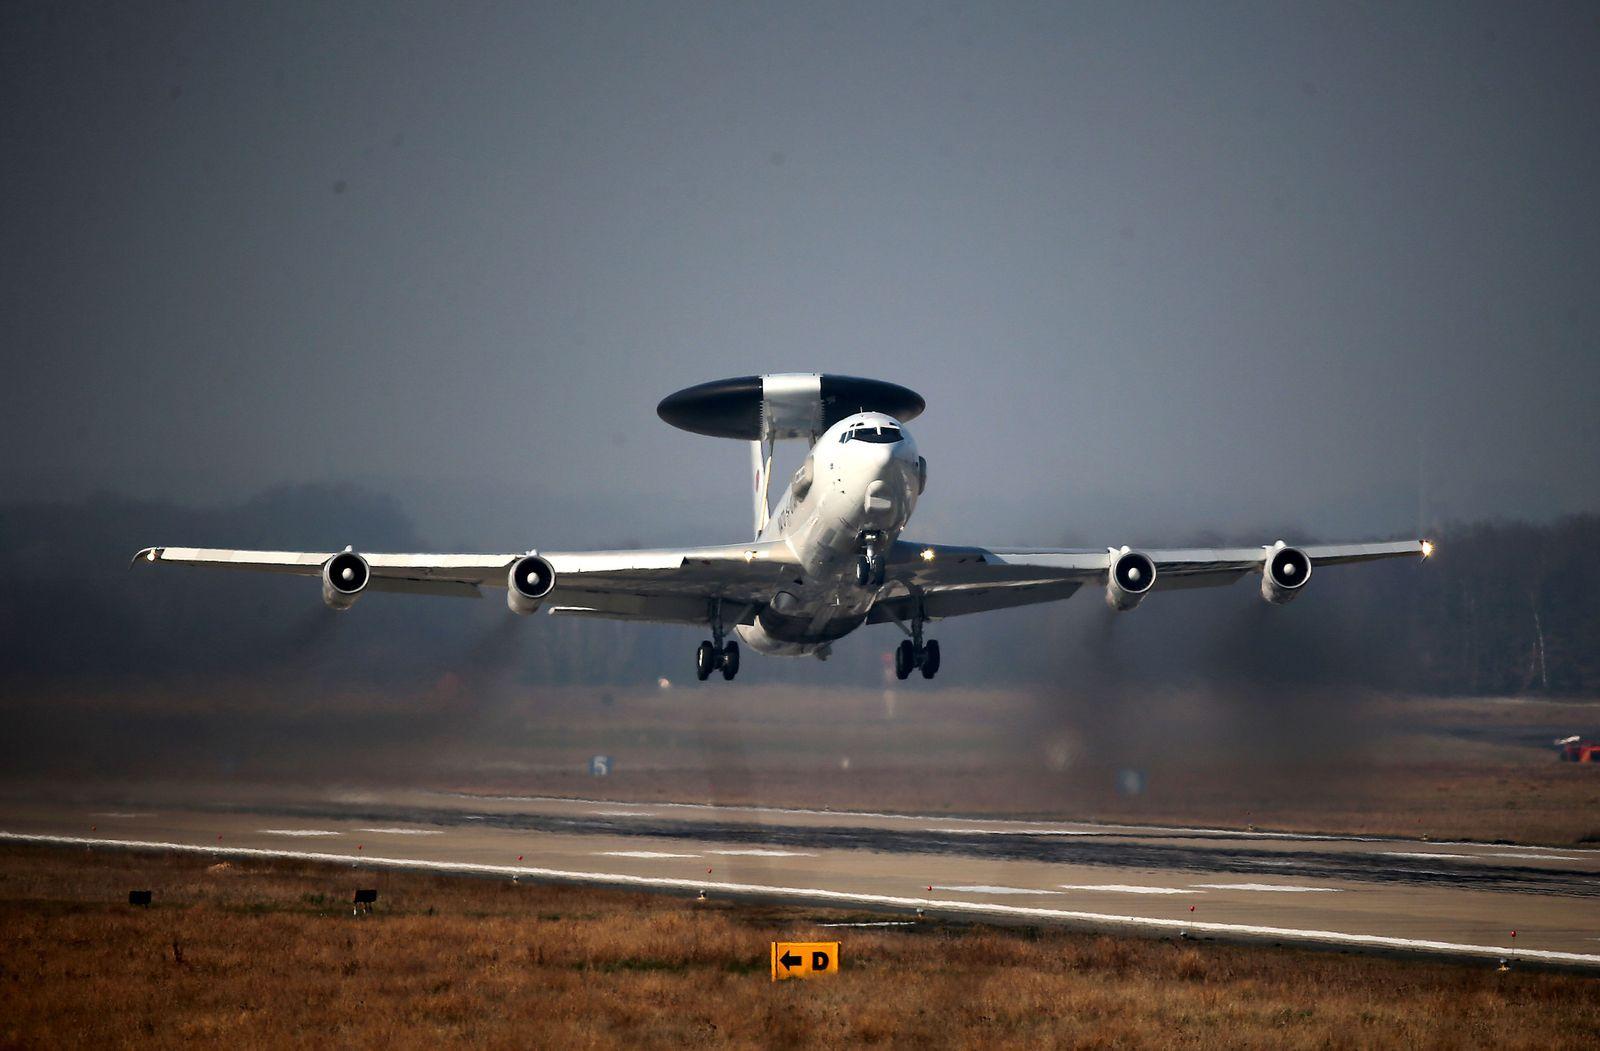 NATO Aufklärungsflugzeug/ Awacs